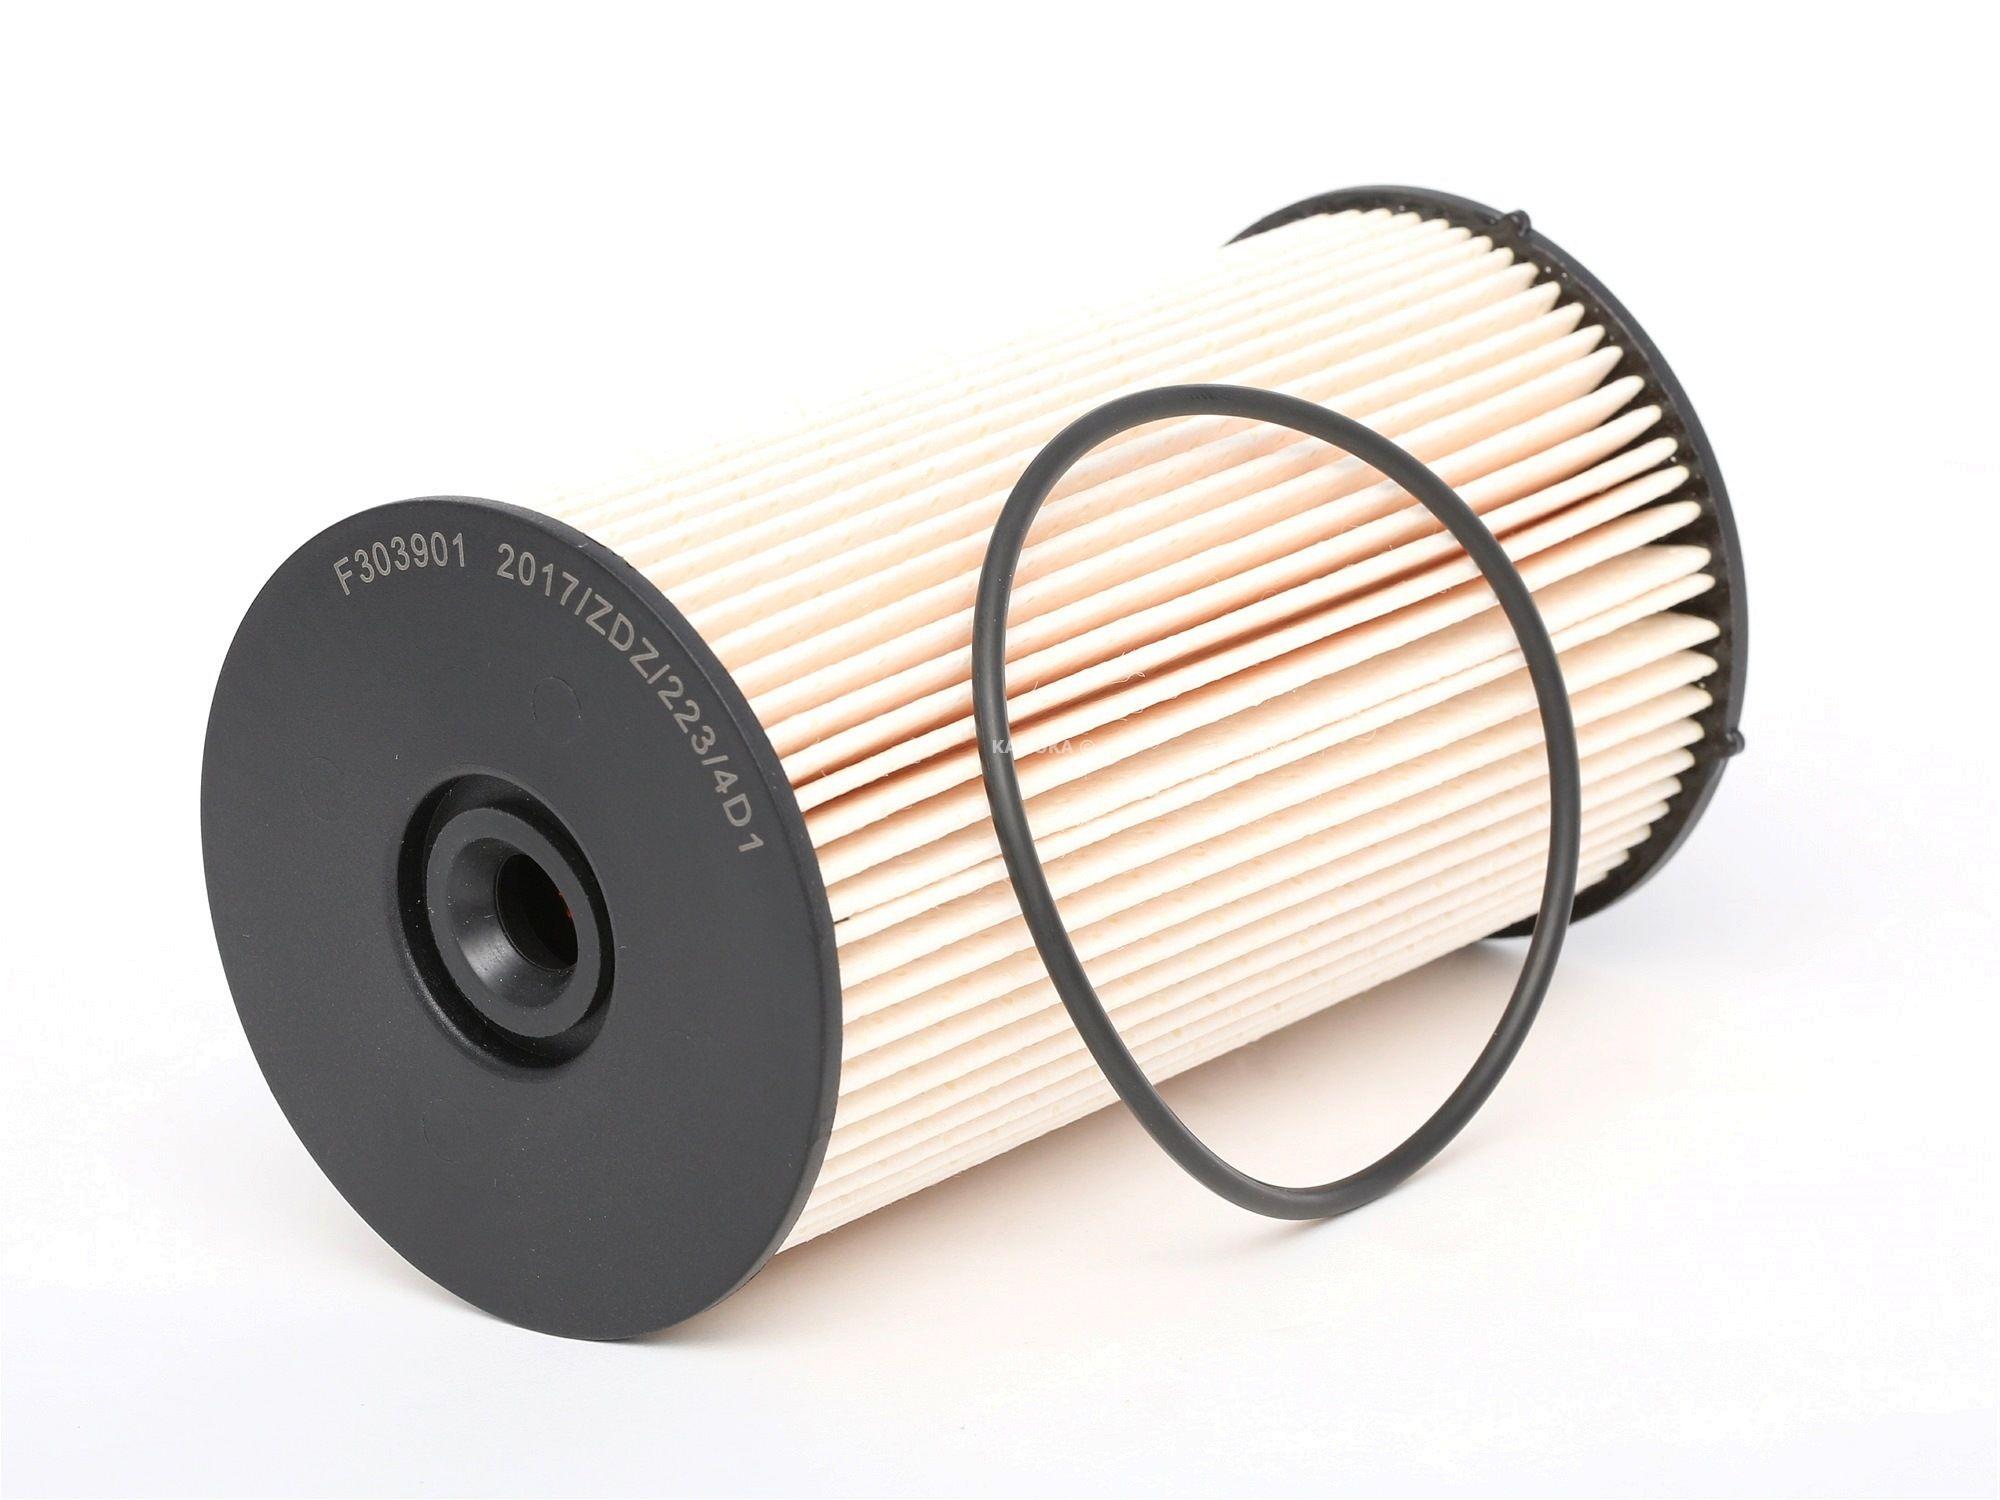 Palivový filtr F303901 s vynikajícím poměrem mezi cenou a KAMOKA kvalitou